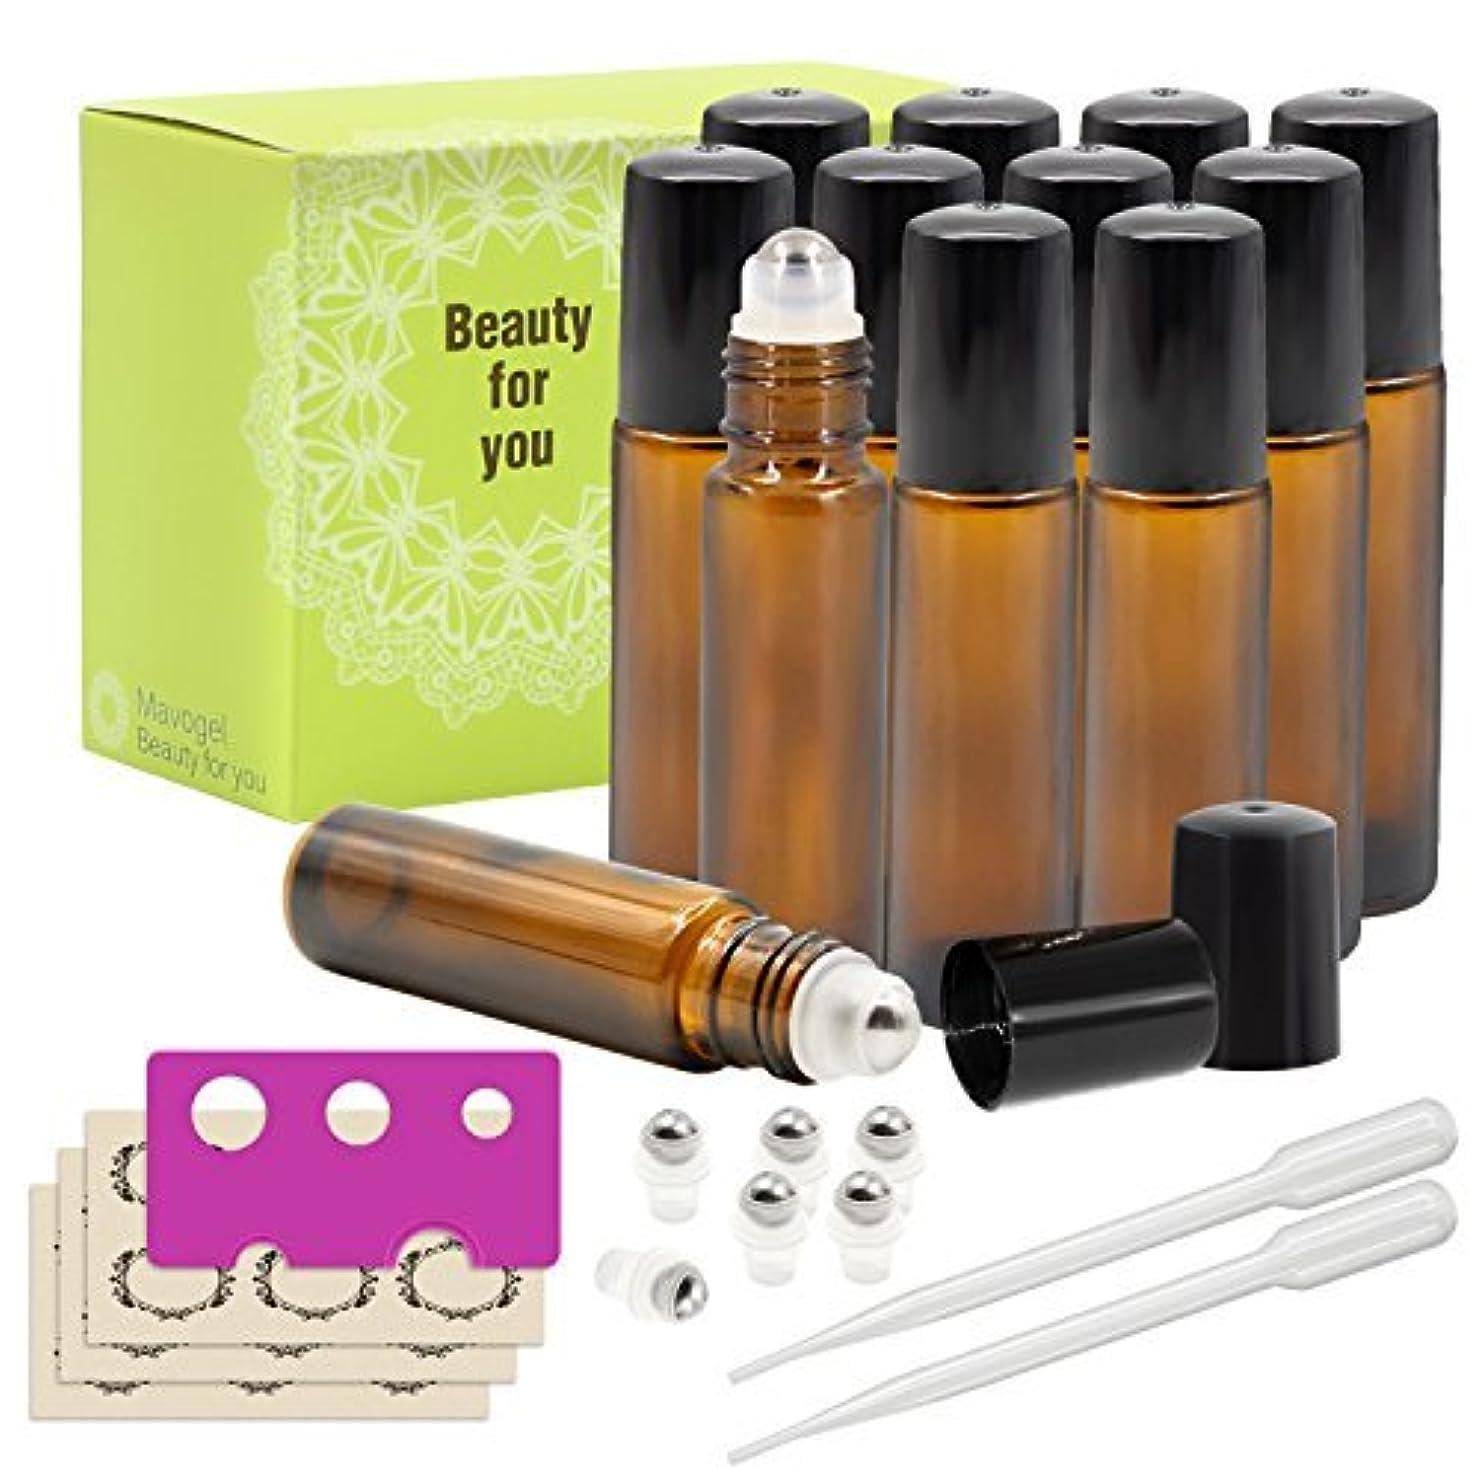 ランドリーエジプト隣接するMavogel Glass Roll-on Bottles - 10ml, 12 Pack, Amber, Extra Stainless Steel Roller Balls, Essential Oil Opener...